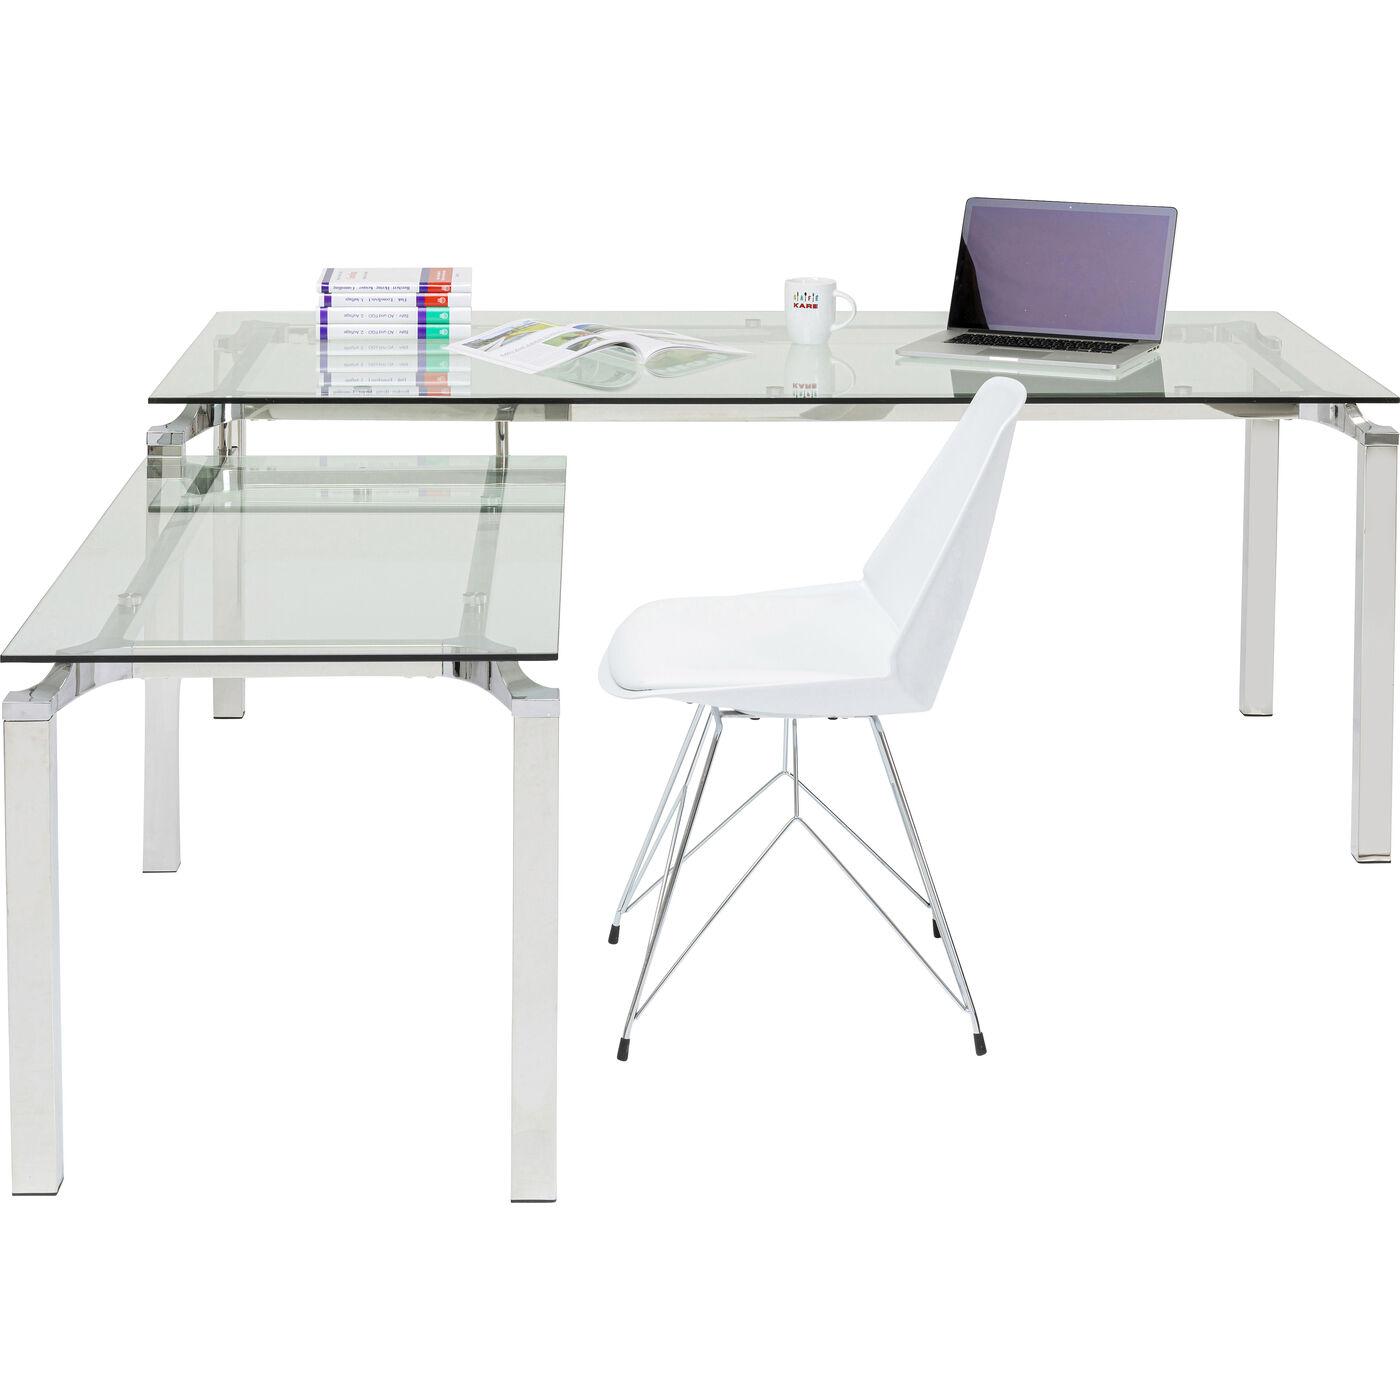 Schreibtisch Lorenco Chrom Winkelcombi 210x180cm